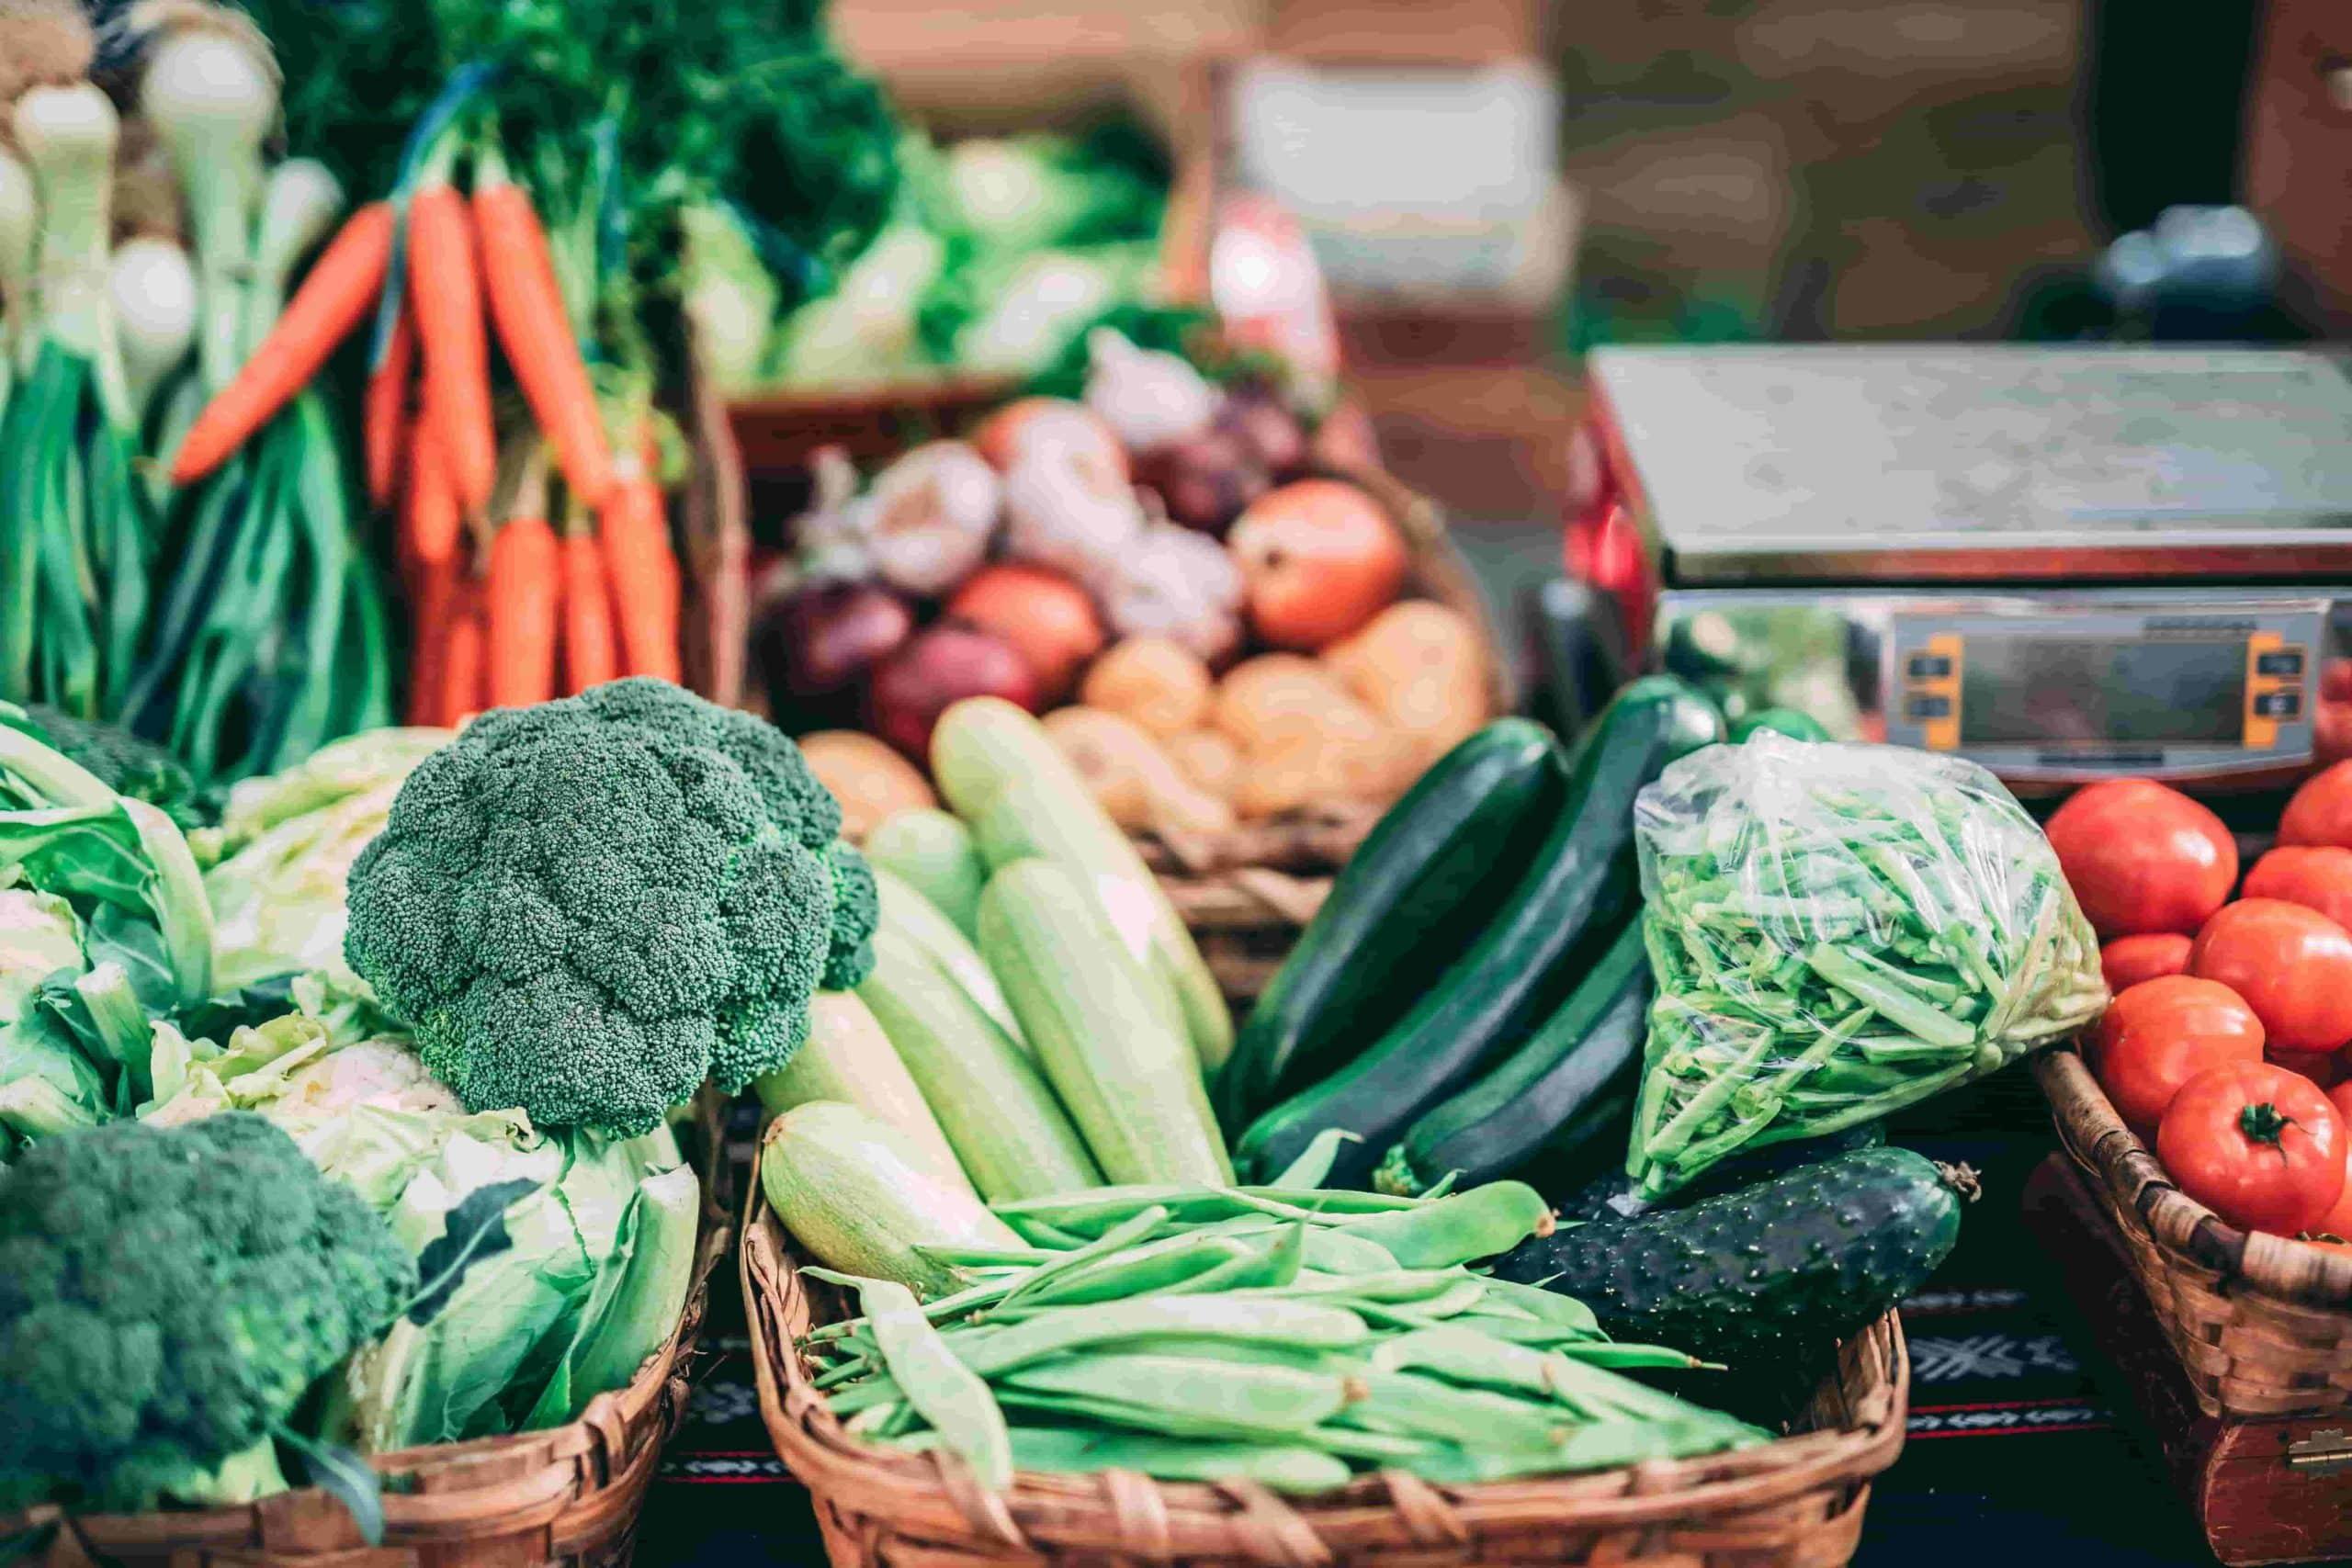 Basische Lebensmittel sind gesund für deinen Körper